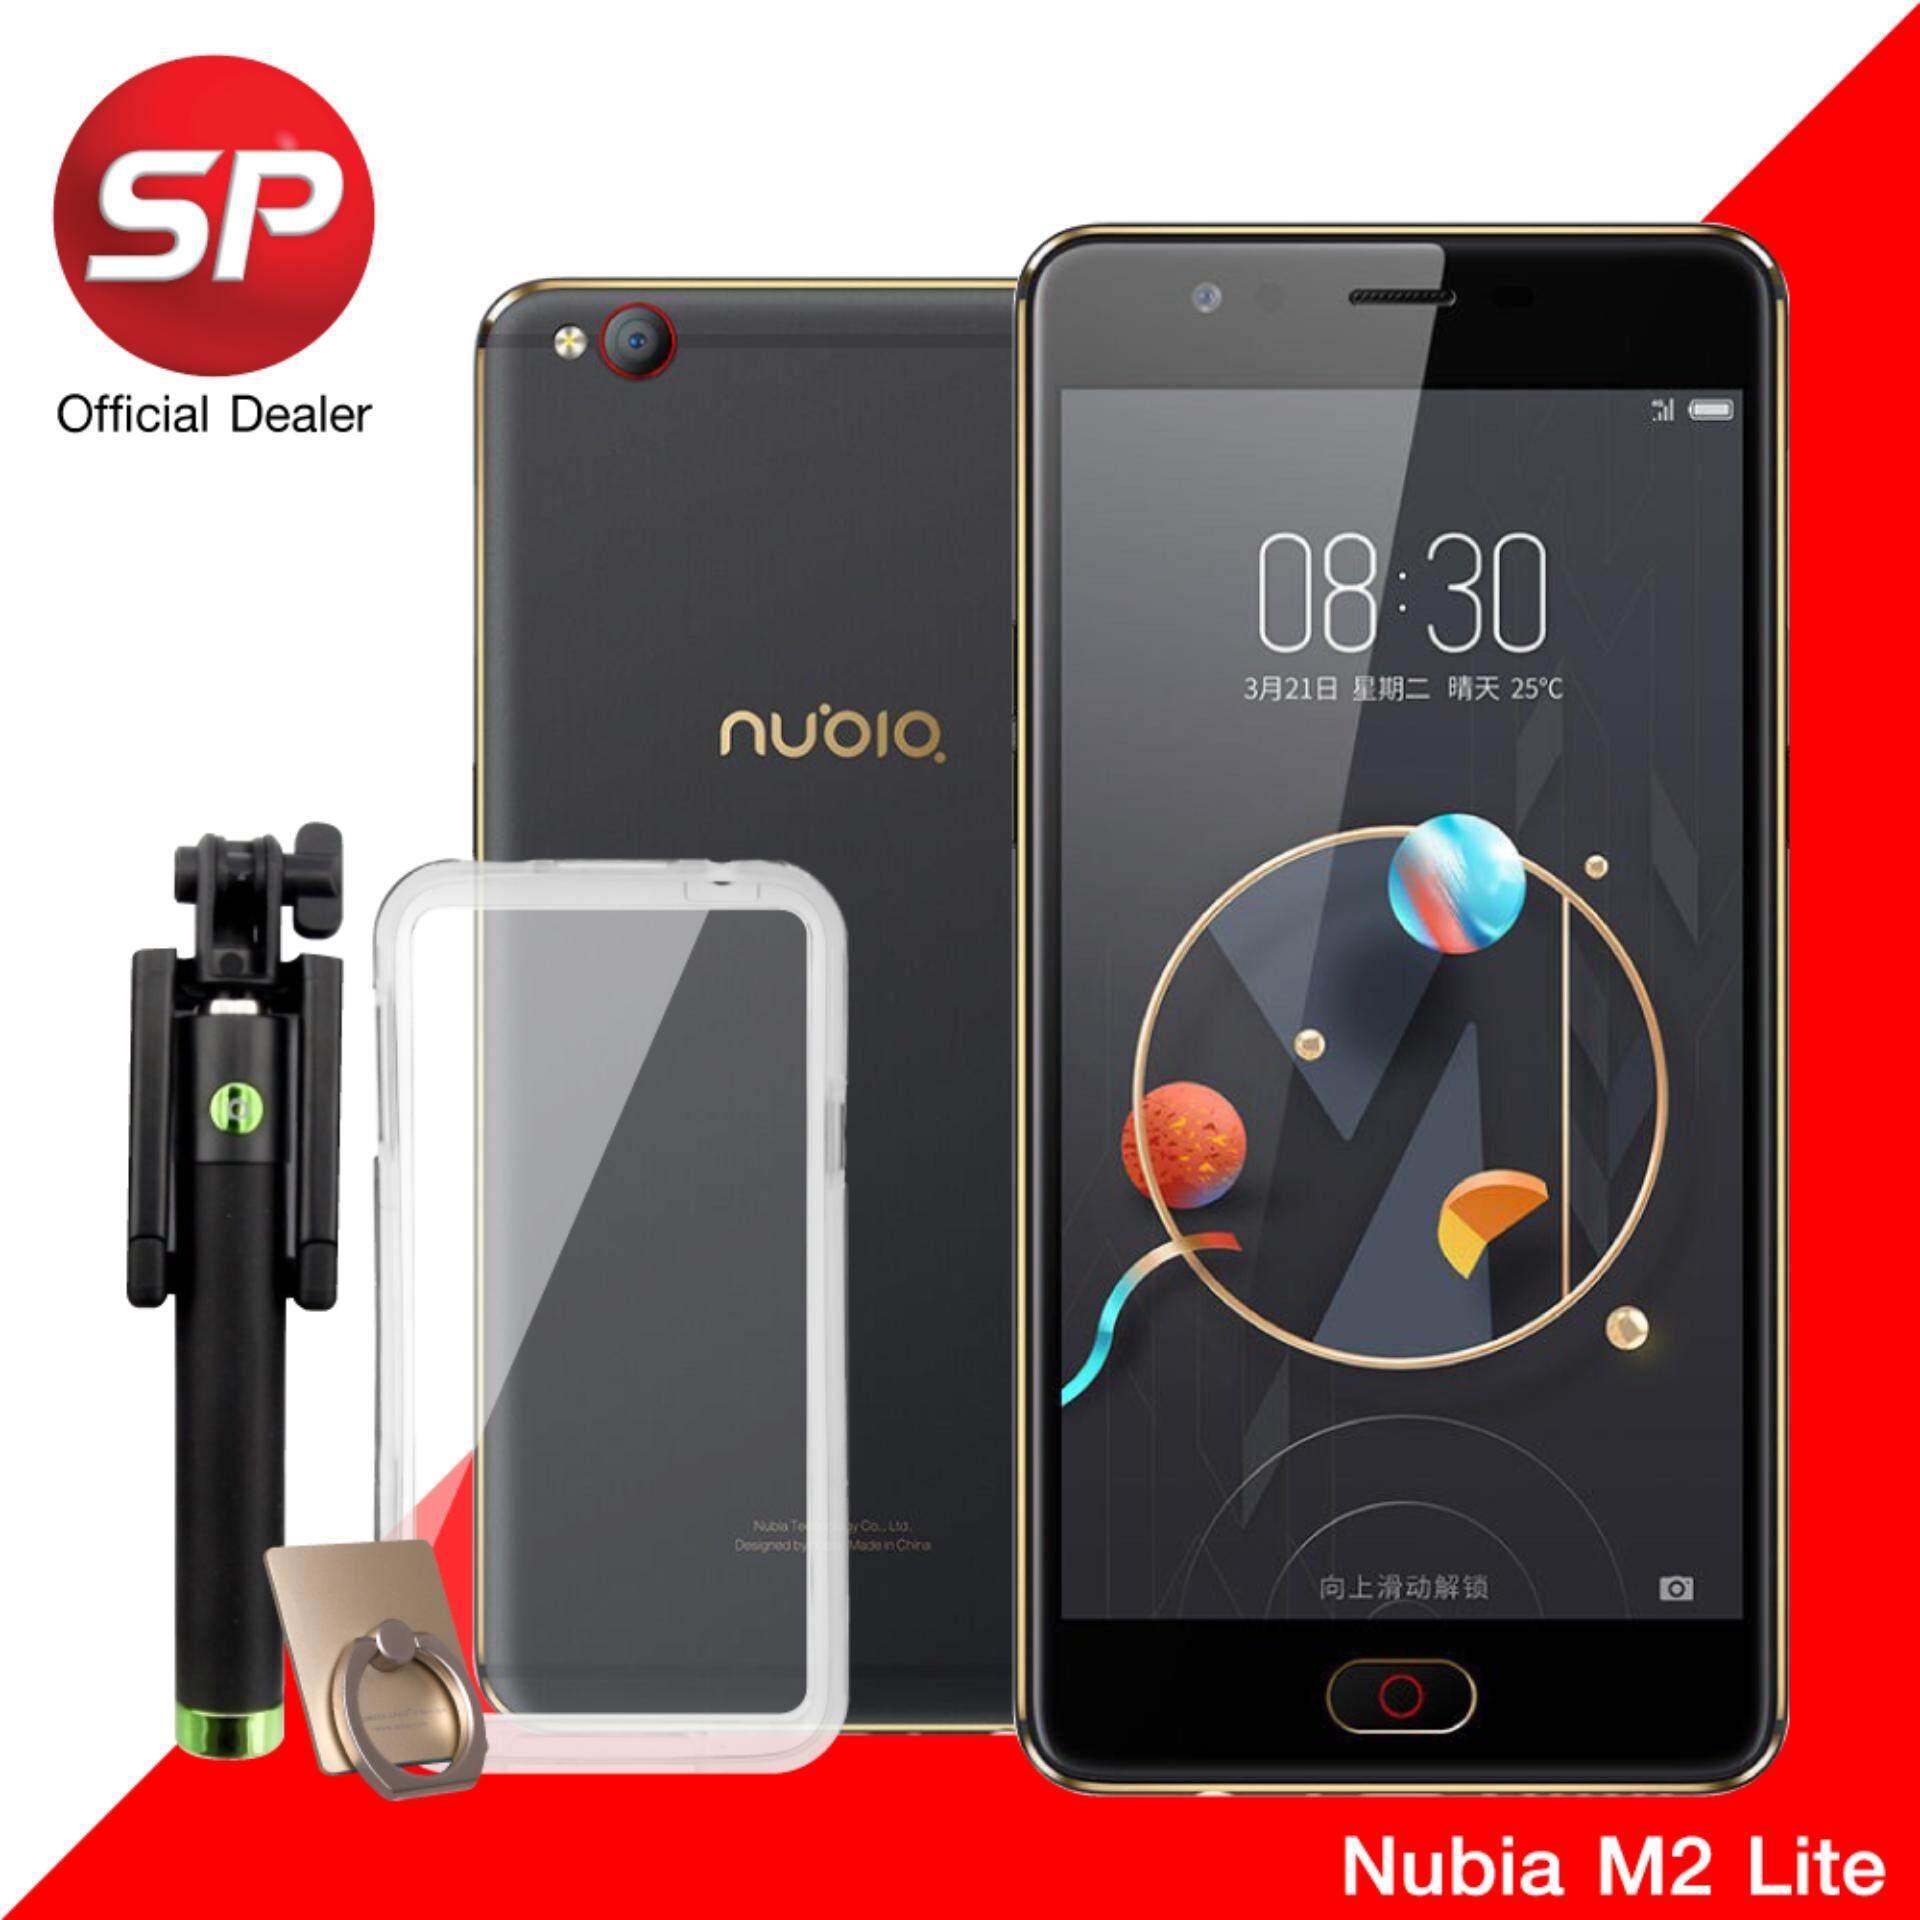 ราคา Nubia M2 Lite 4 32Gb พร้อมเคสกันกระแทก ไม้เซลฟี่ แหวนจับ ตั้งมือถือ มูลค่ารวม 490 รับประกันศูนย์ Nubia ประเทศไทย 1 ปีเต็ม ราคาถูกที่สุด